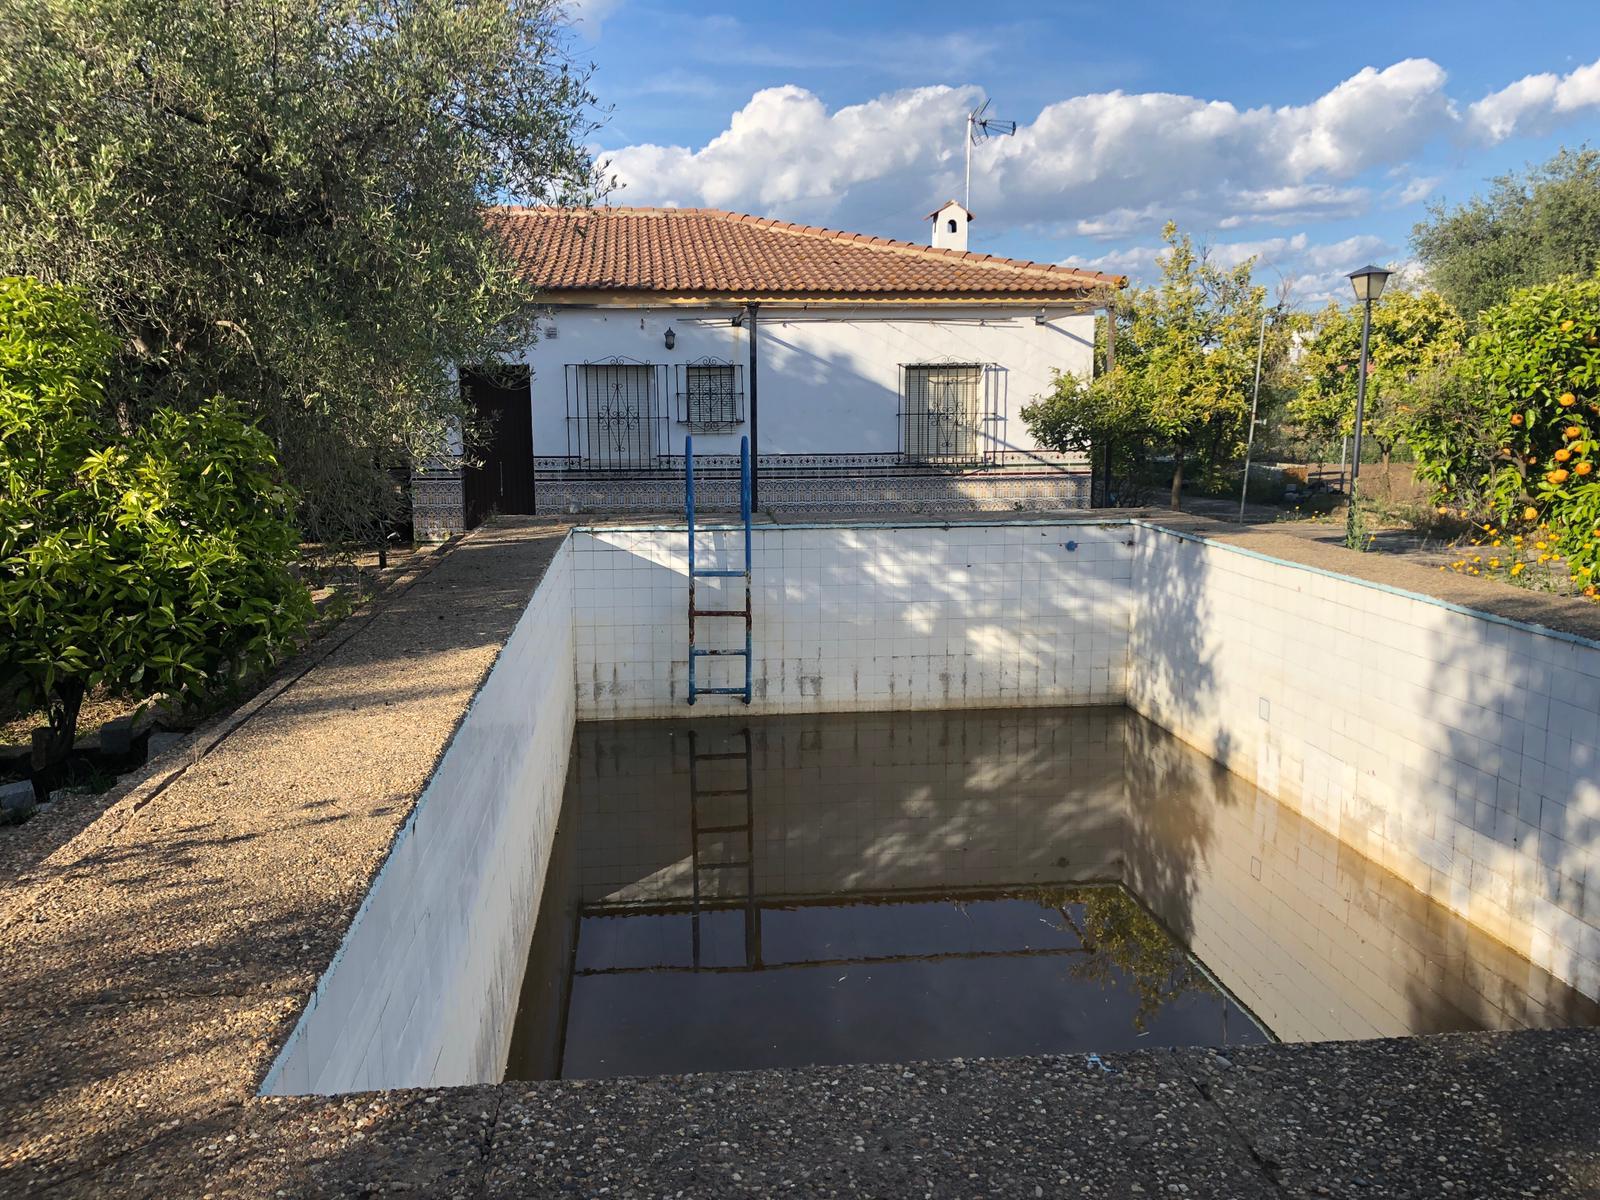 Parcela en Sevilla: Los Ranchos - Sanlucar (AL96).